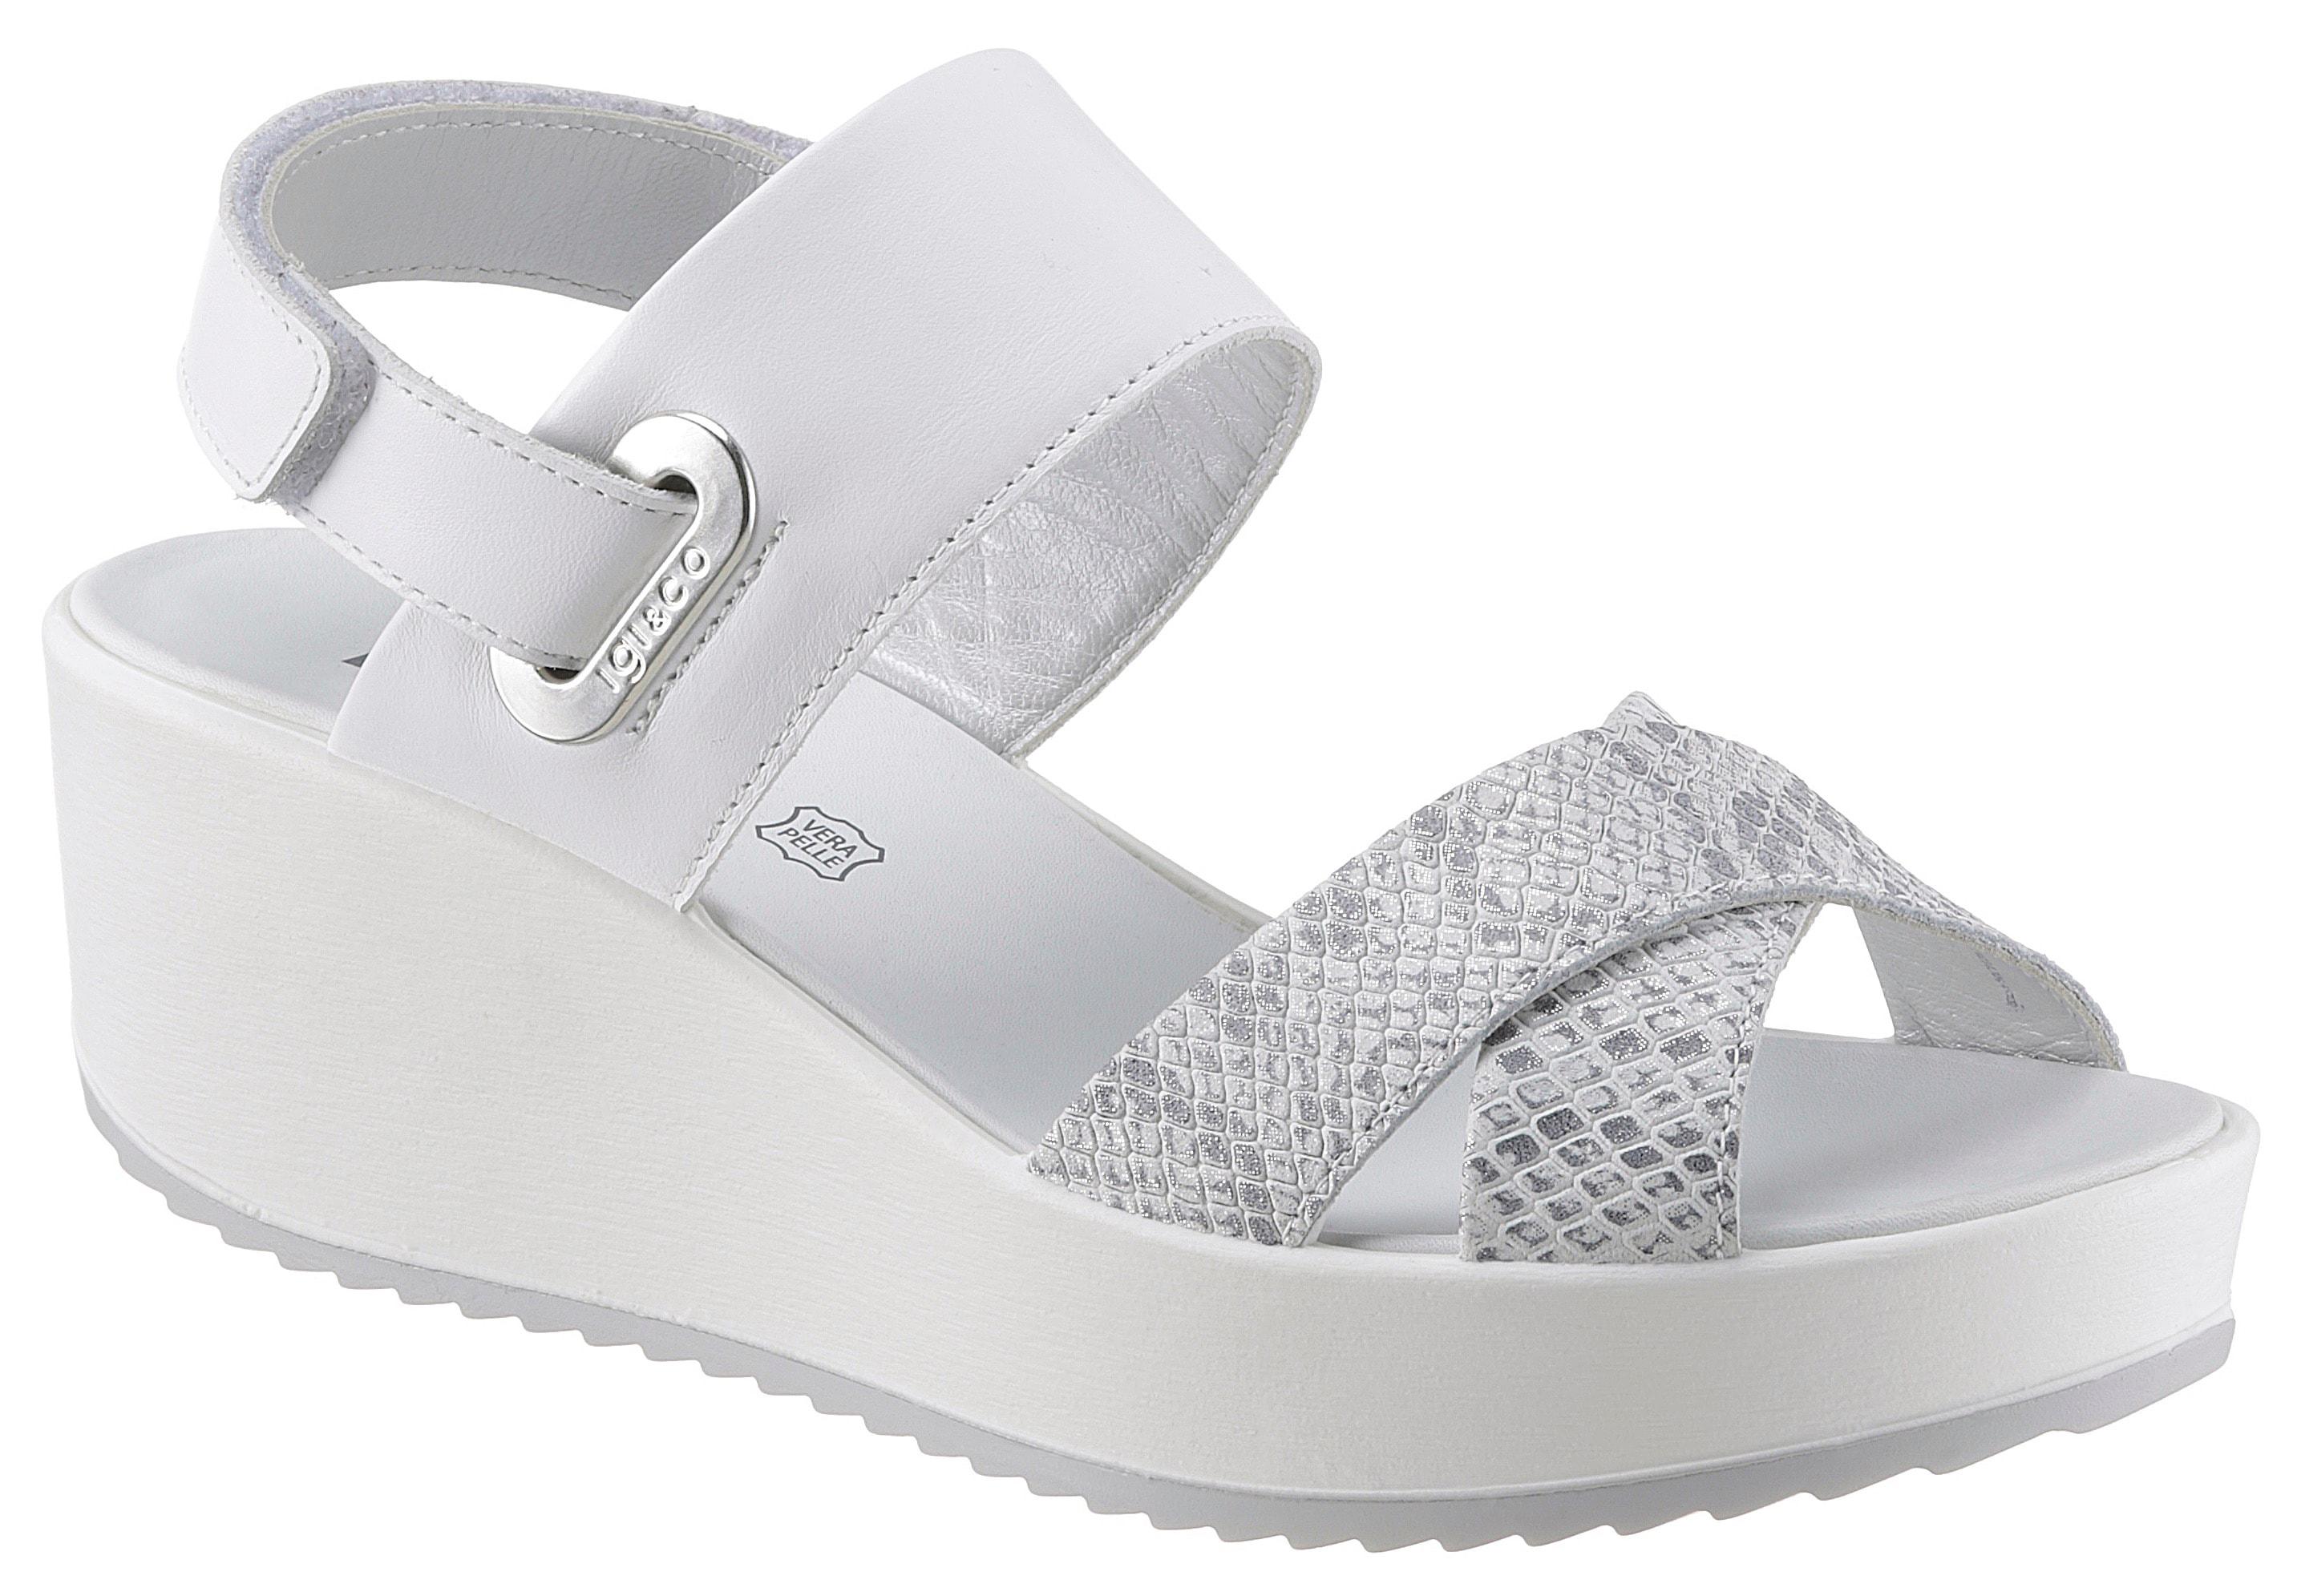 IGI & CO Sandalette, mit Reptil-Bandage weiß Damen Sandaletten Sandalen Sandalette